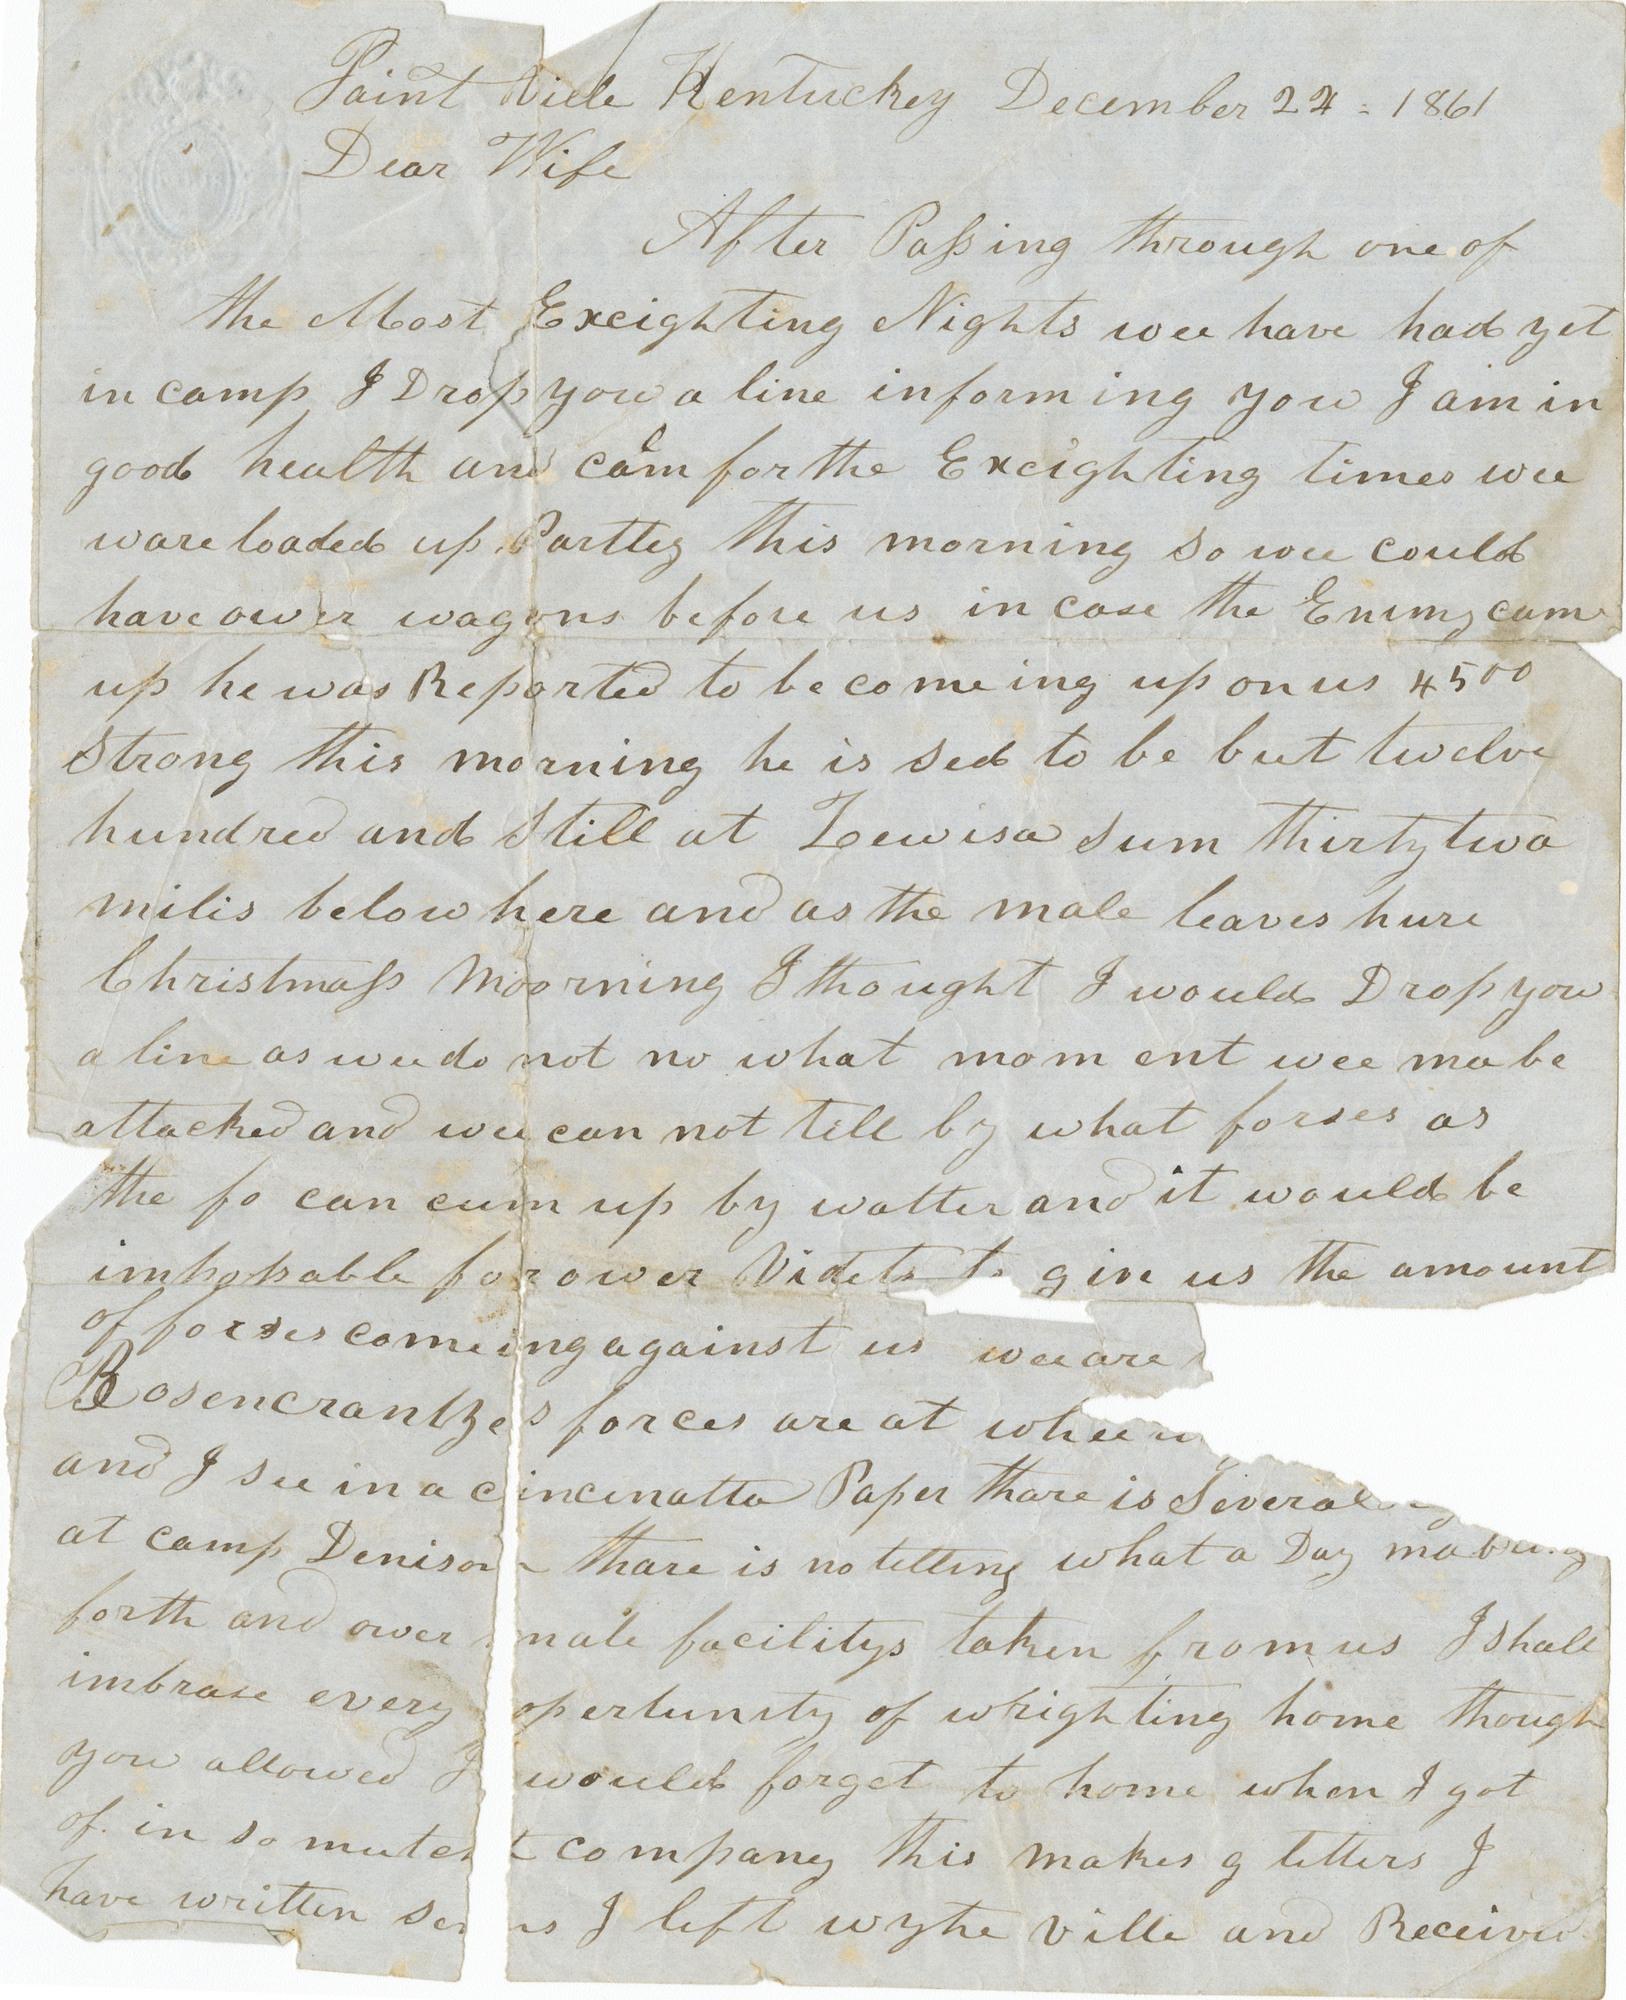 Ms2009-112_CarnahanJohnNewton_Letter_1861_1224a.jpg